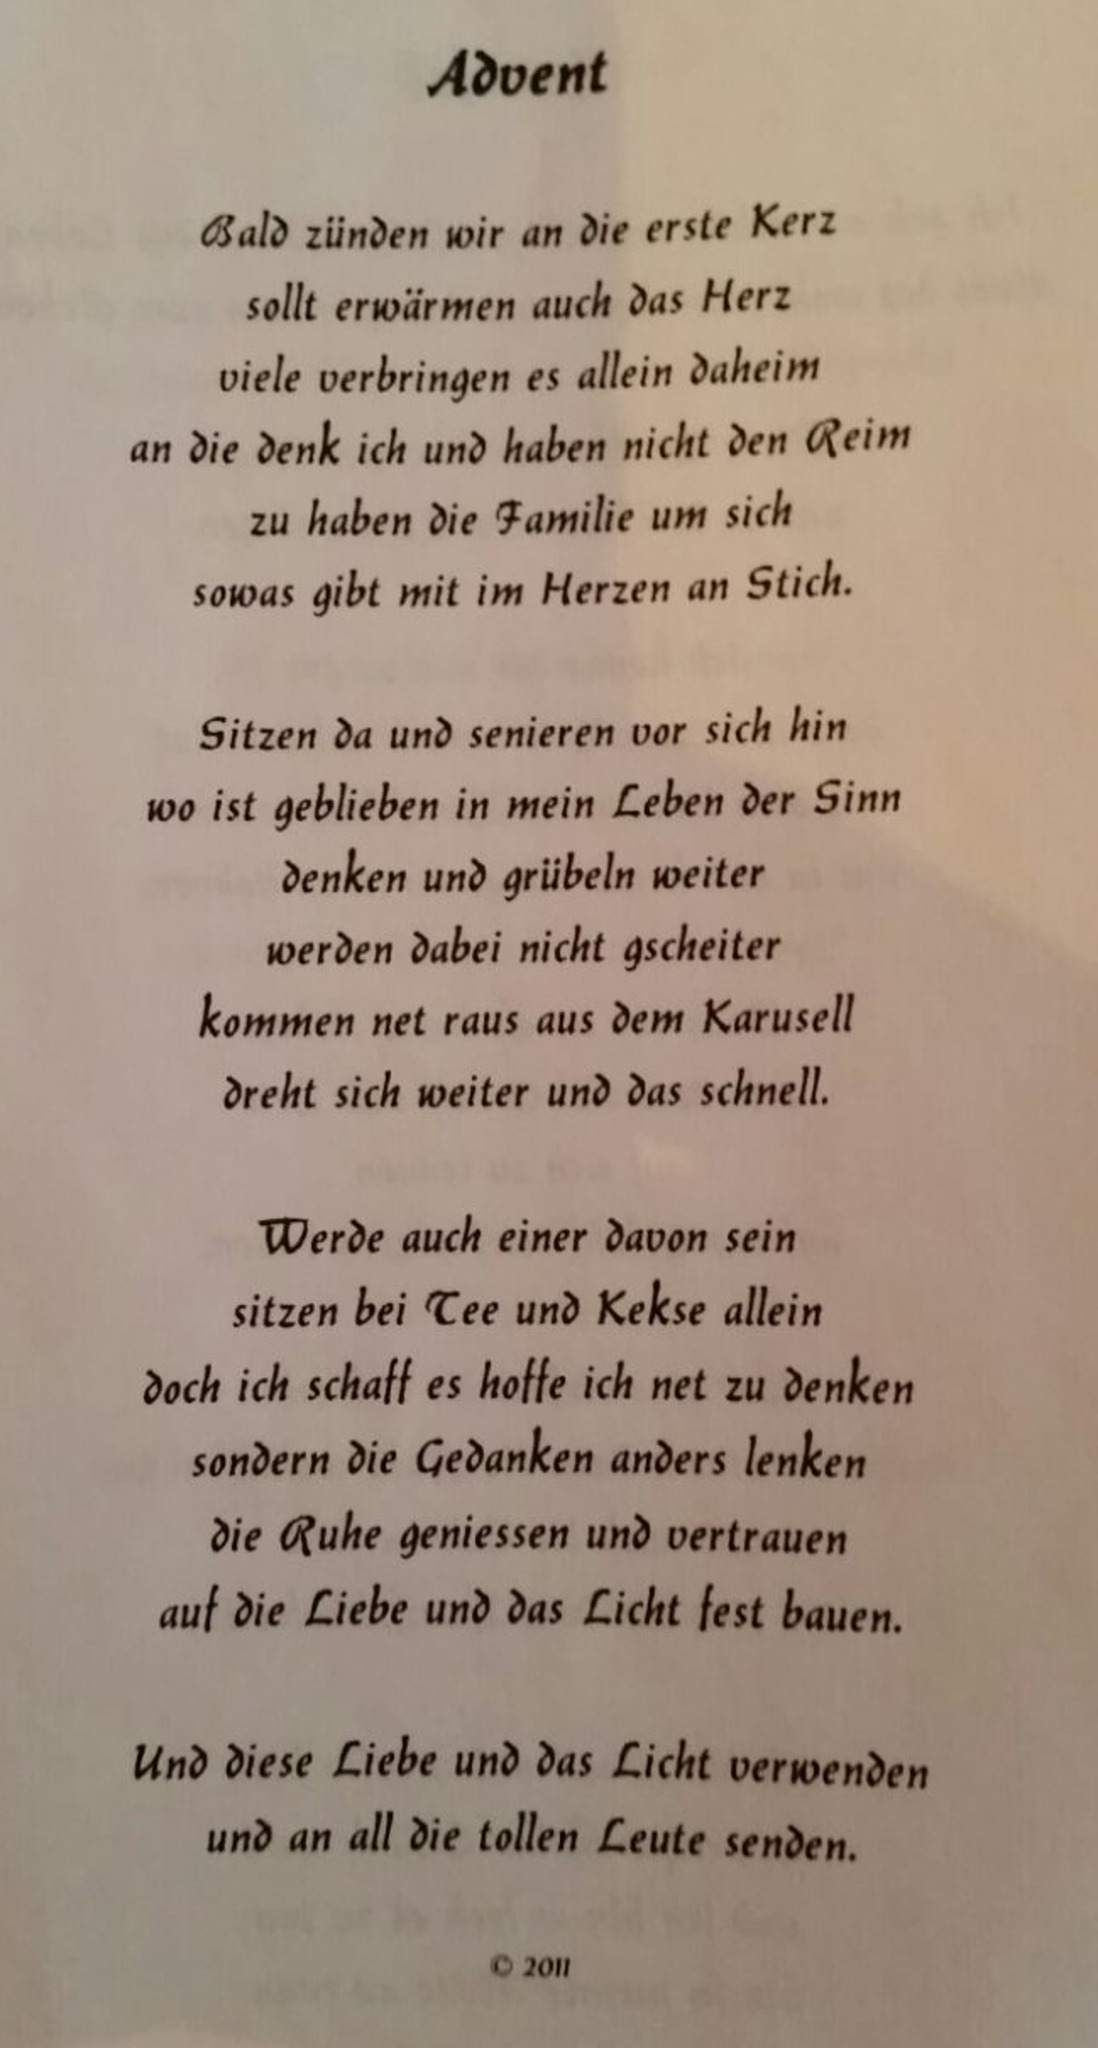 Advent Gedicht Pongau